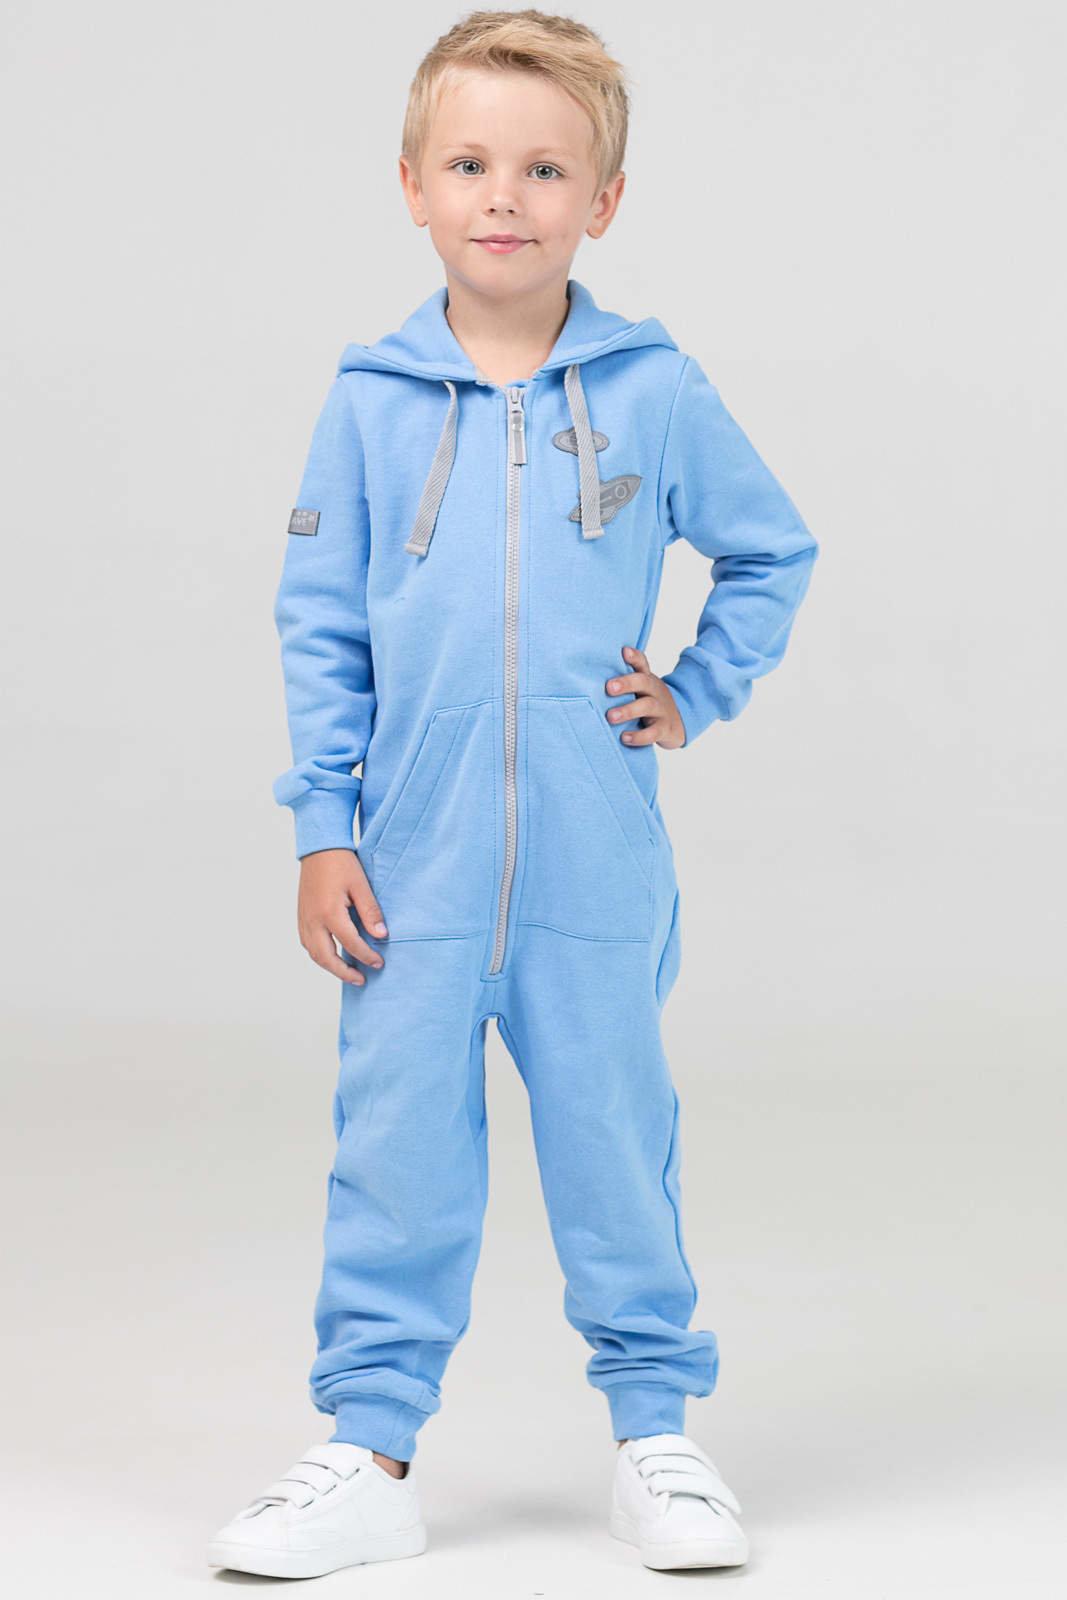 Купить Комбинезон детский The Cave Ready голубой 500104 р.98, Повседневные комбинезоны для девочек